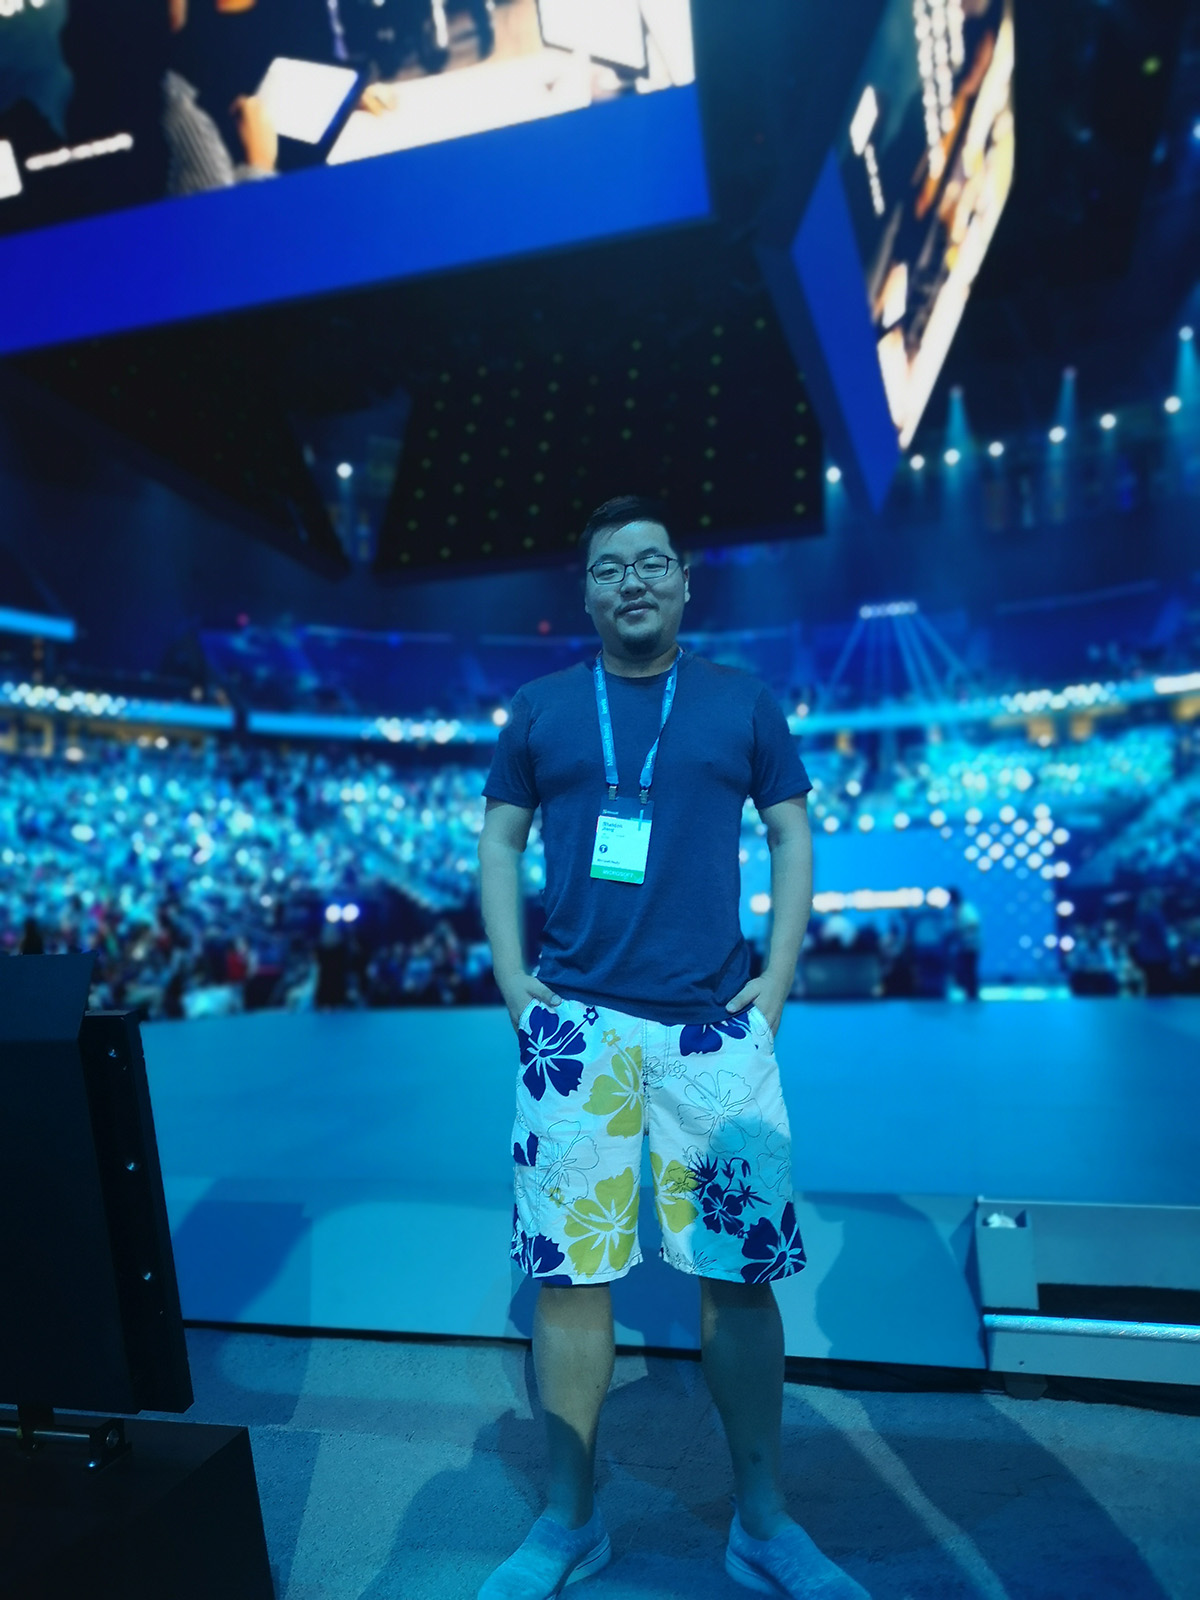 首席执行官蒋先生受邀参加Microsoft Inspire 2019-上海赛基特信息科技有限公司